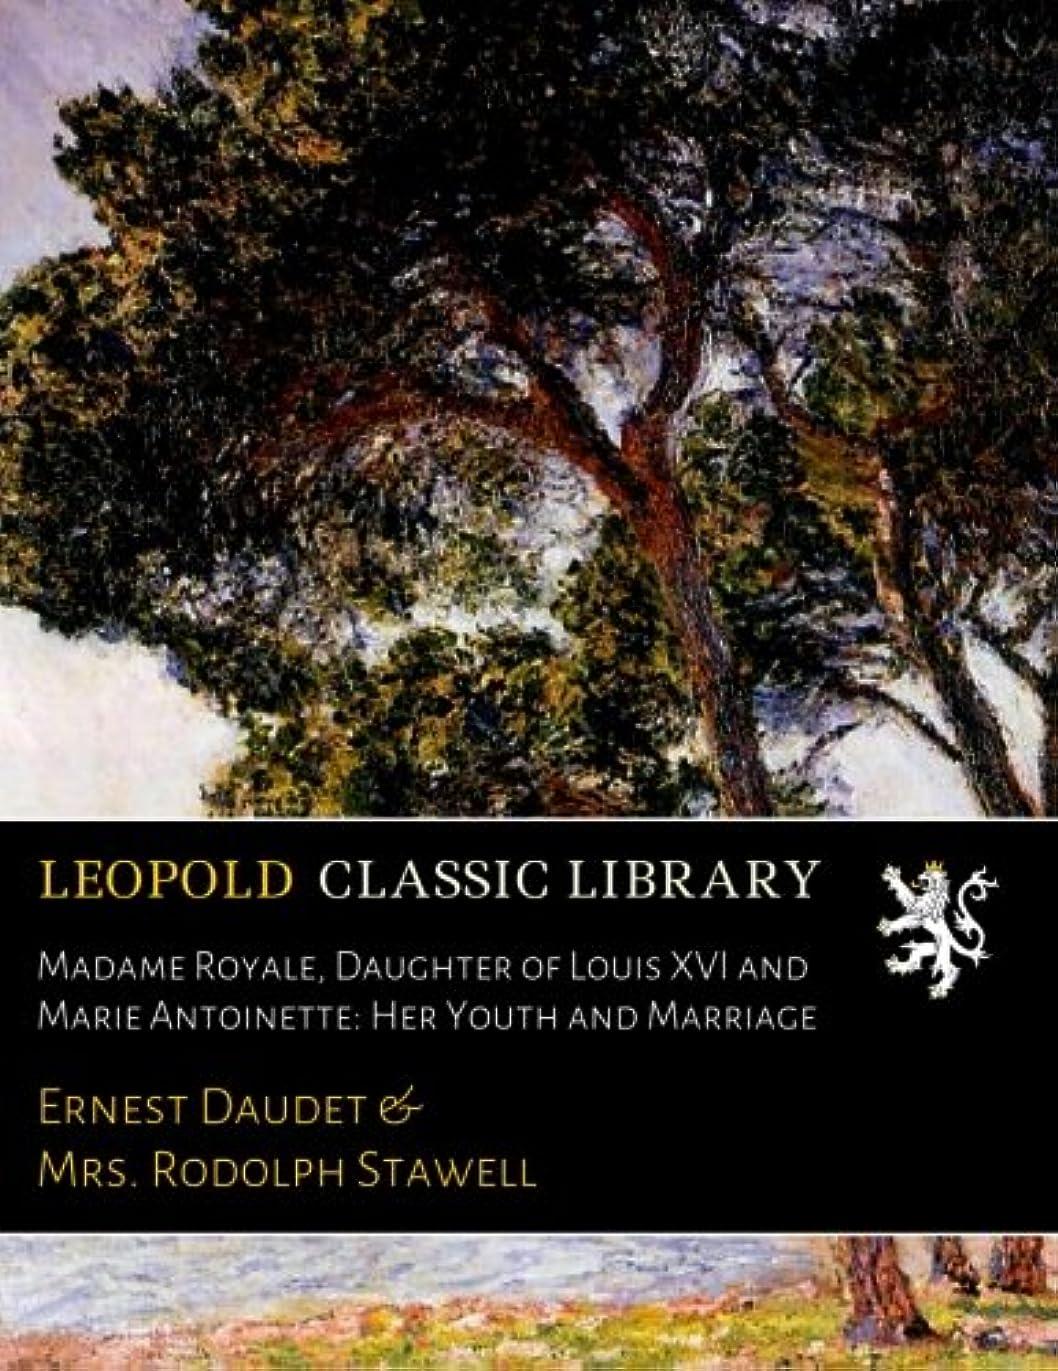 鮮やかな接続された挨拶Madame Royale, Daughter of Louis XVI and Marie Antoinette: Her Youth and Marriage